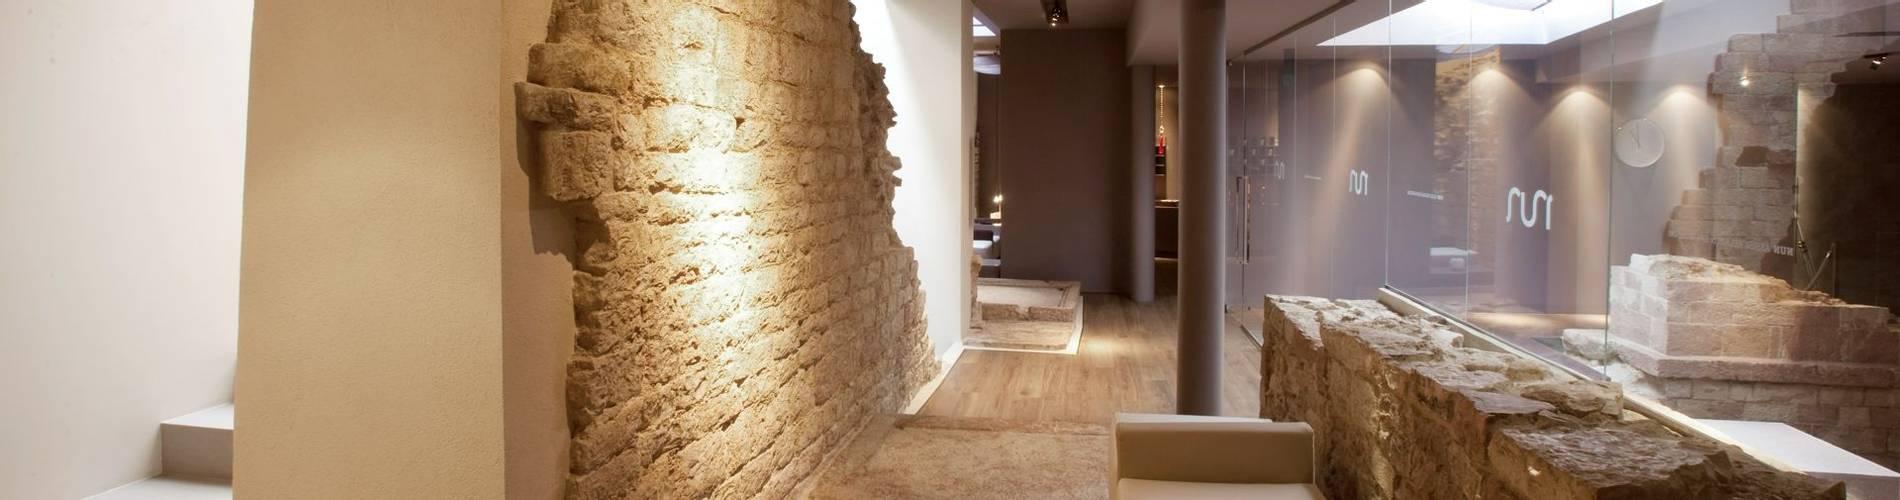 Nun Assisi Relais & Spa, Umbria, Italy (20).jpg